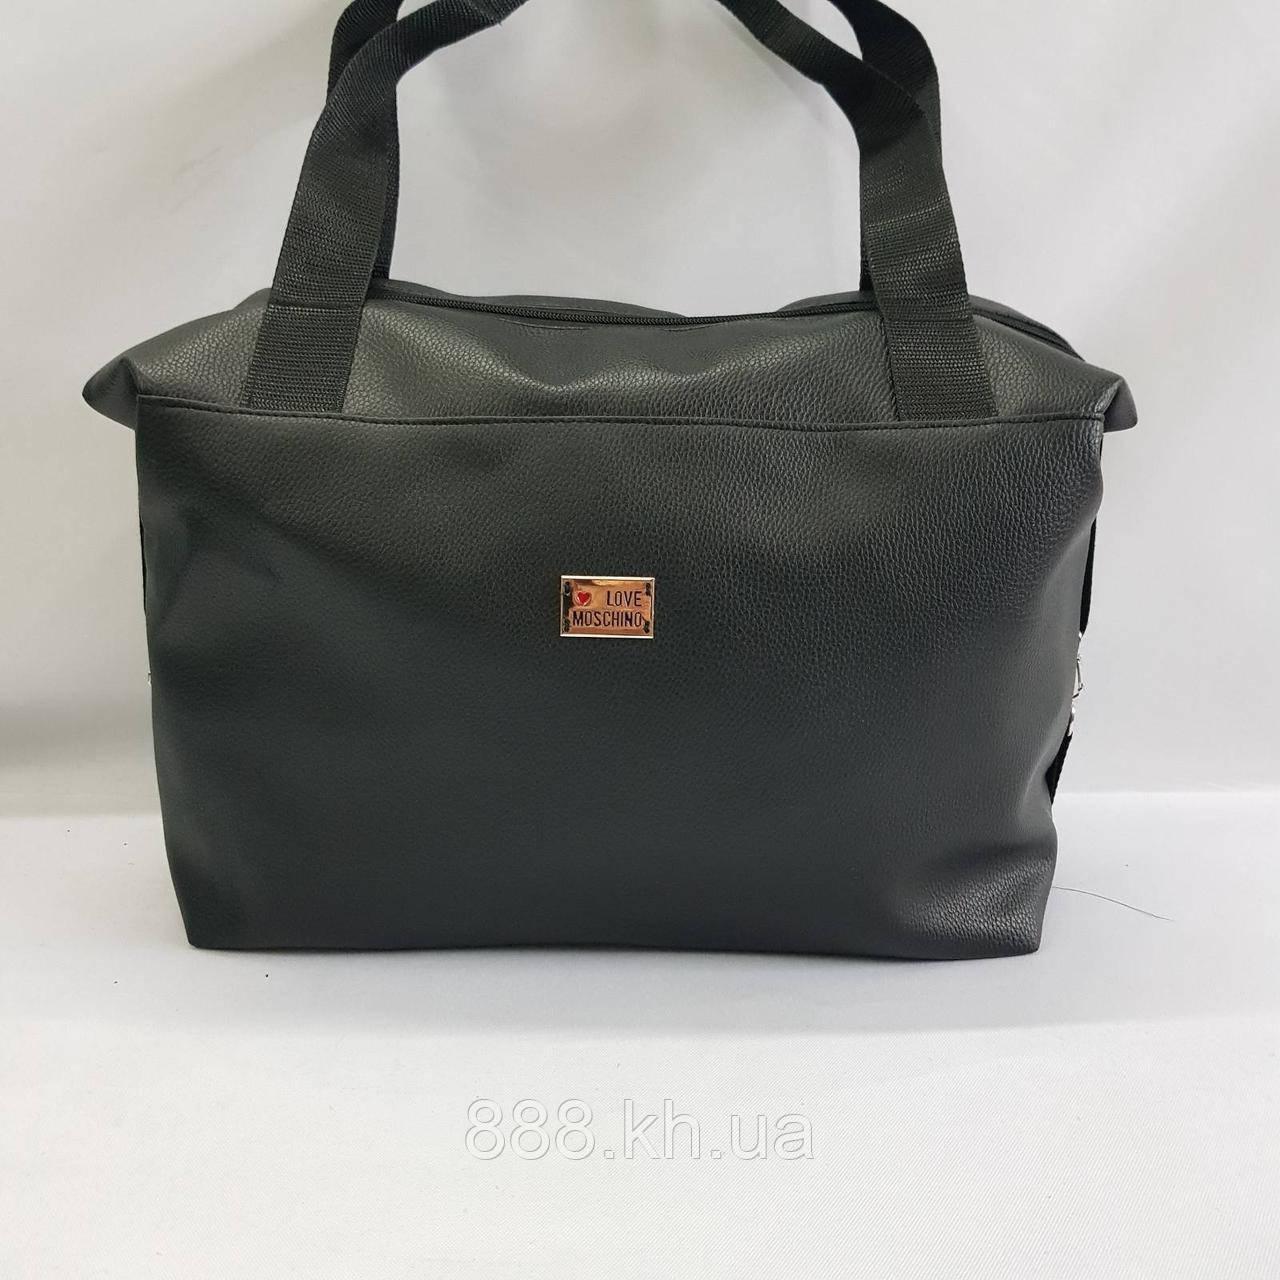 Стильная спортивная сумка,  дорожная сумка